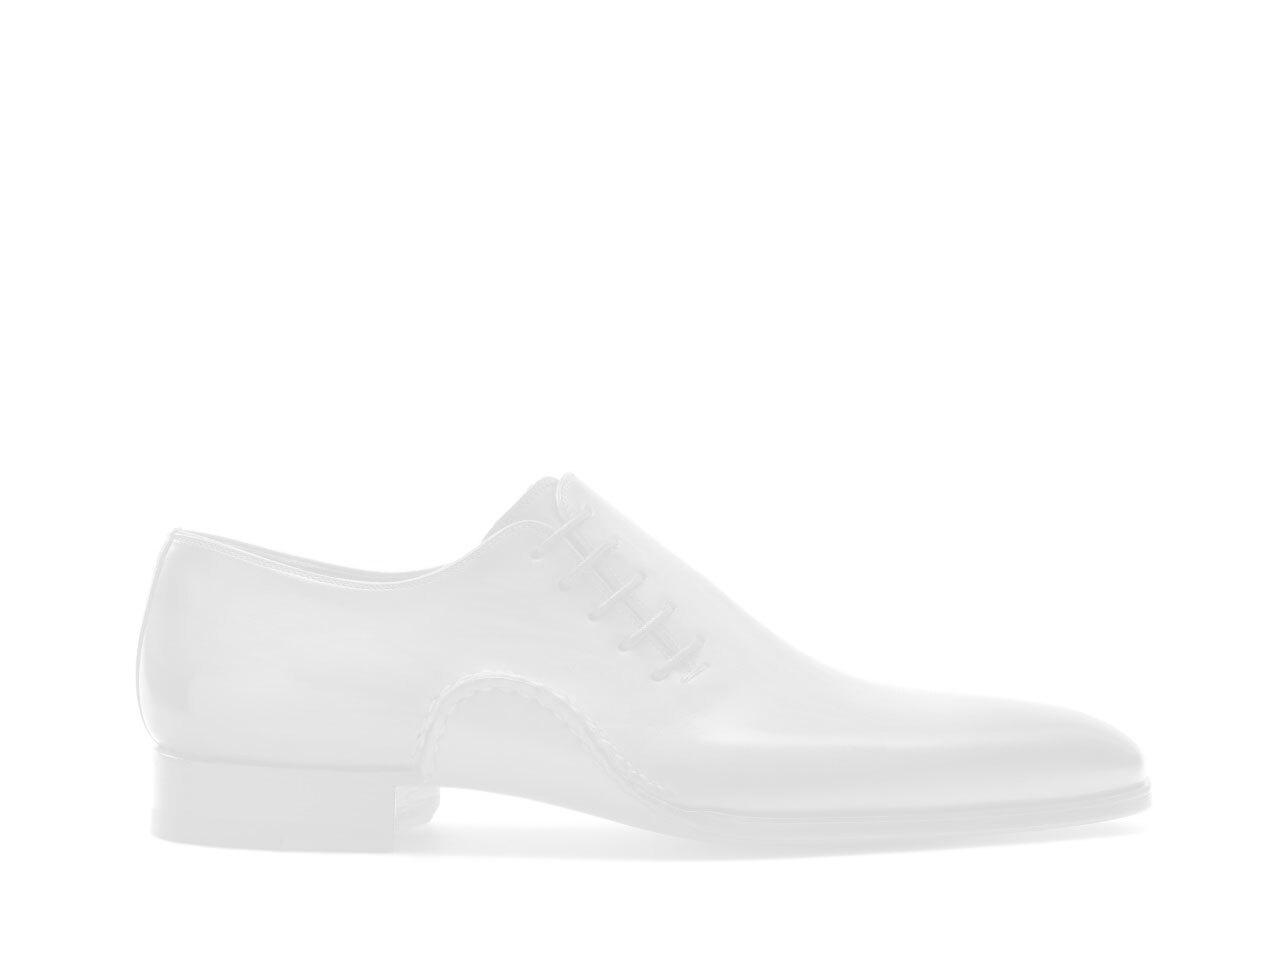 Pair of the Magnanni Dante Wide Black Patent Men's Derby Shoes